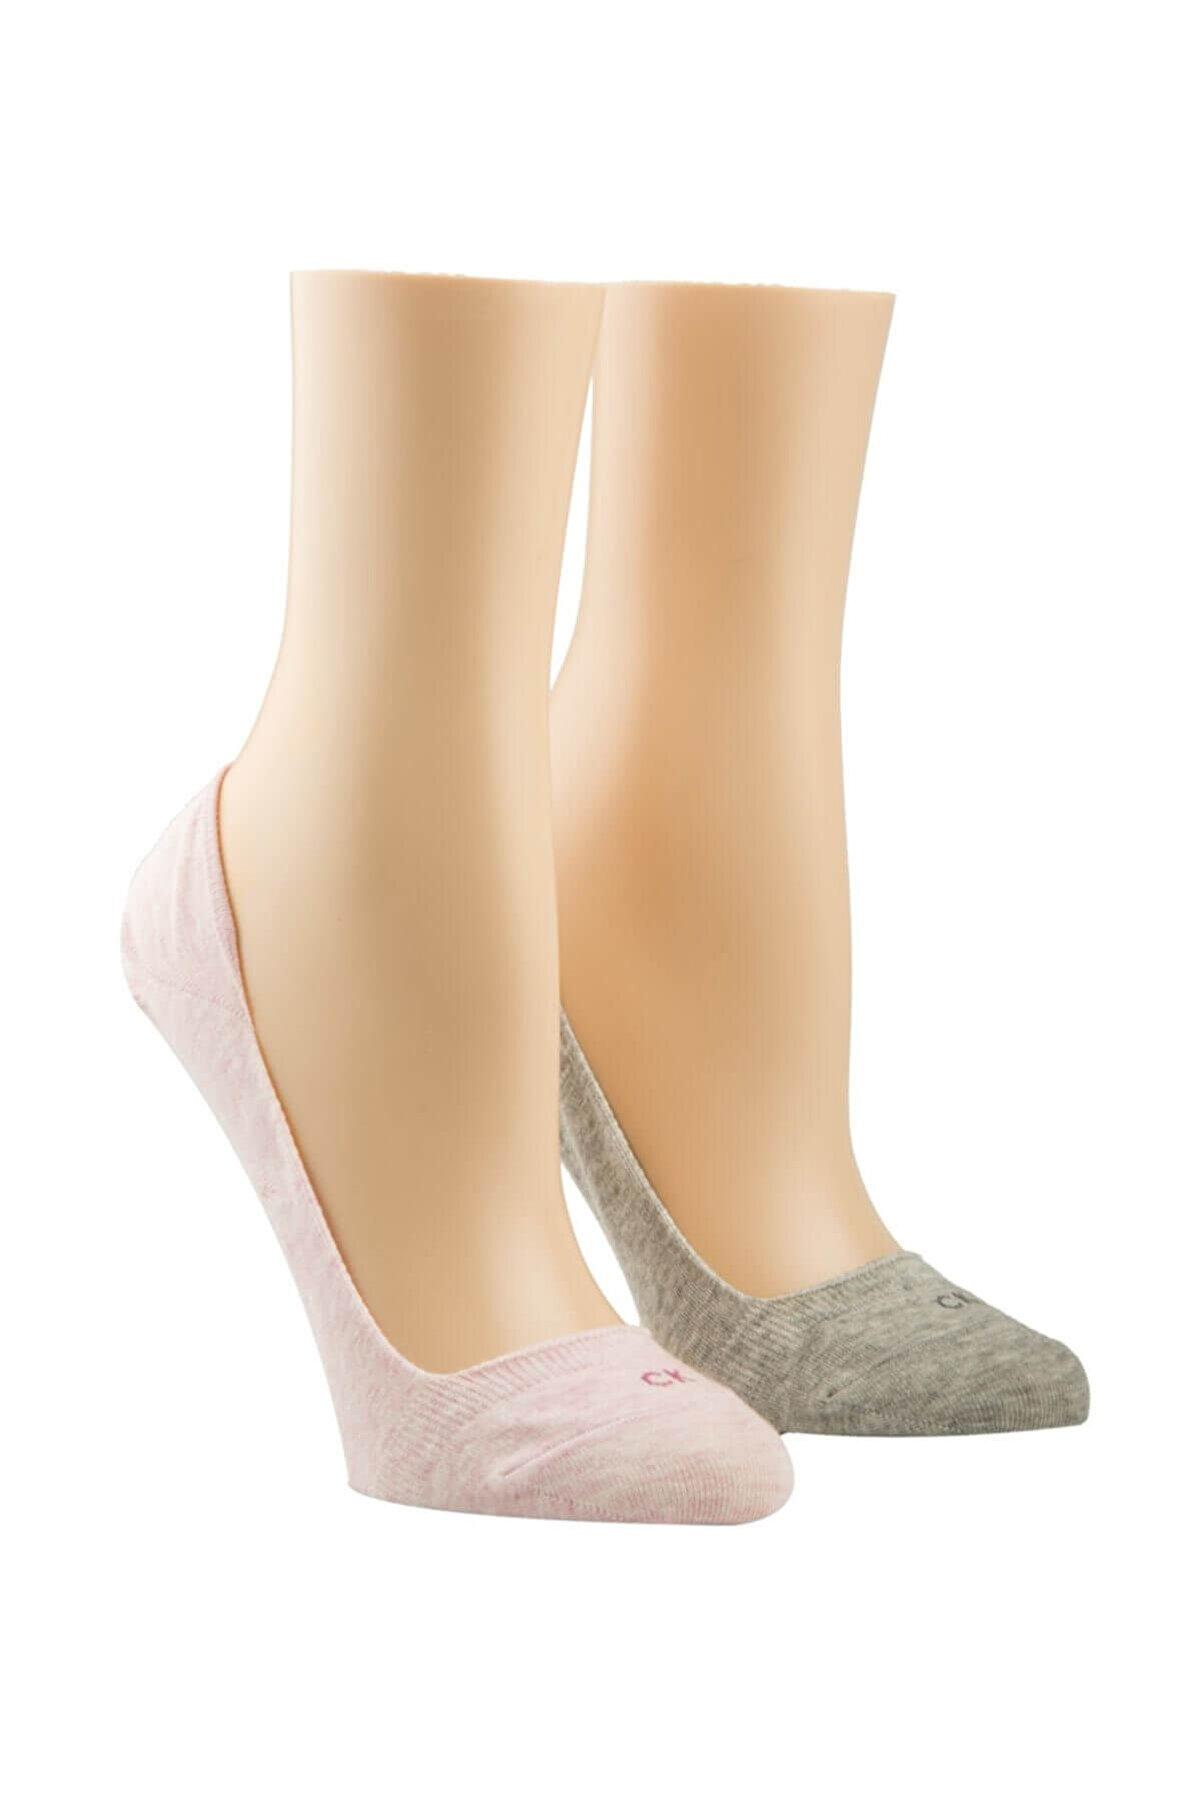 Calvin Klein Kadın Gri Pembe 2 Li Çorap TUMYILECA632-G59